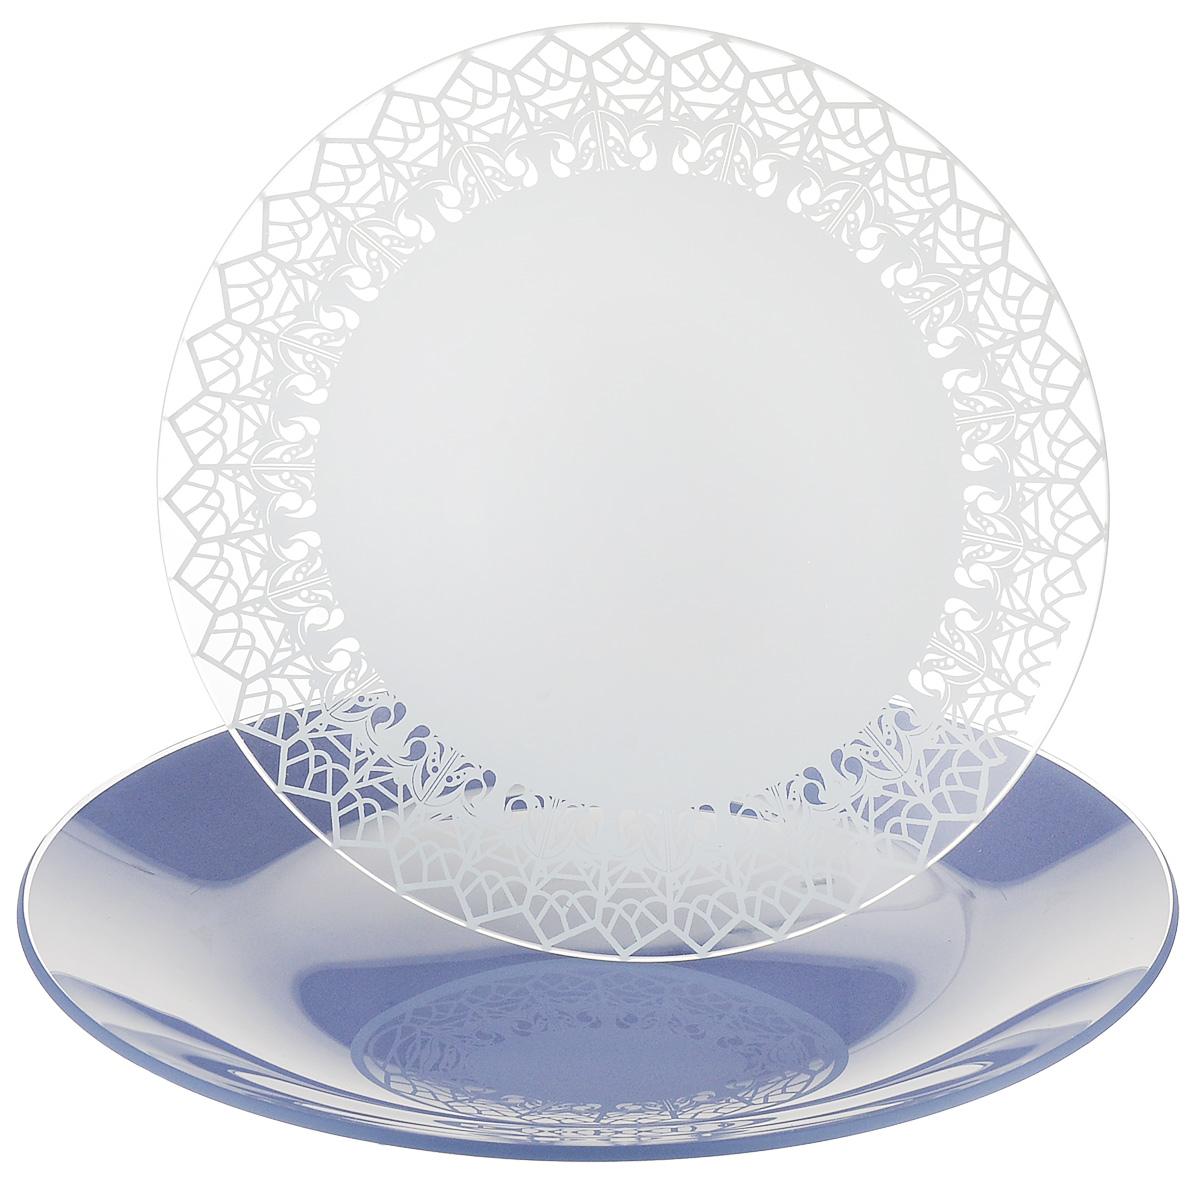 Набор тарелок NiNaGlass, цвет: голубой, диаметр 20 см, 2 шт. 85-200-147пс85-200-147псНабор тарелок NiNaGlass Кружево и Палитра выполнена из высококачественного стекла, декорирована под Вологодское кружево и подстановочная тарелка яркий насыщенный цвет. Набор идеален для подачи горячих блюд, сервировки праздничного стола, нарезок, салатов, овощей и фруктов. Он отлично подойдет как для повседневных, так и для торжественных случаев. Такой набор прекрасно впишется в интерьер вашей кухни и станет достойным дополнением к кухонному инвентарю.